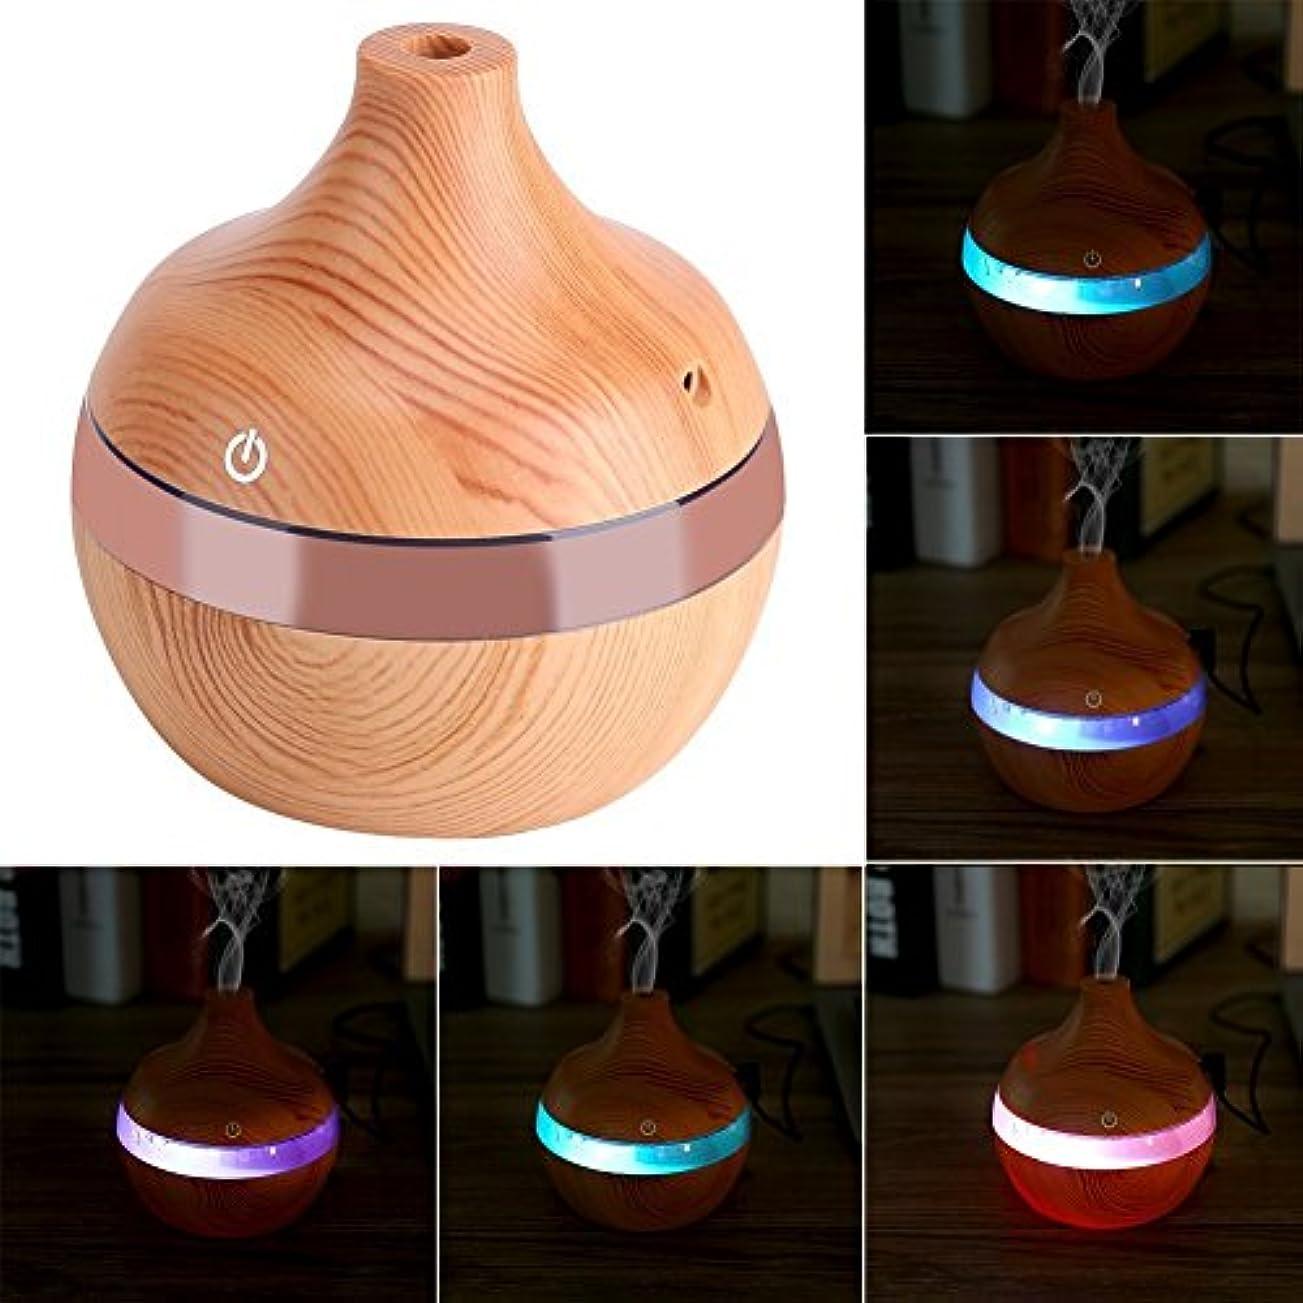 ただやるのために権限アロマディフューザー - Delaman 卓上加湿器、木目調、7色変換